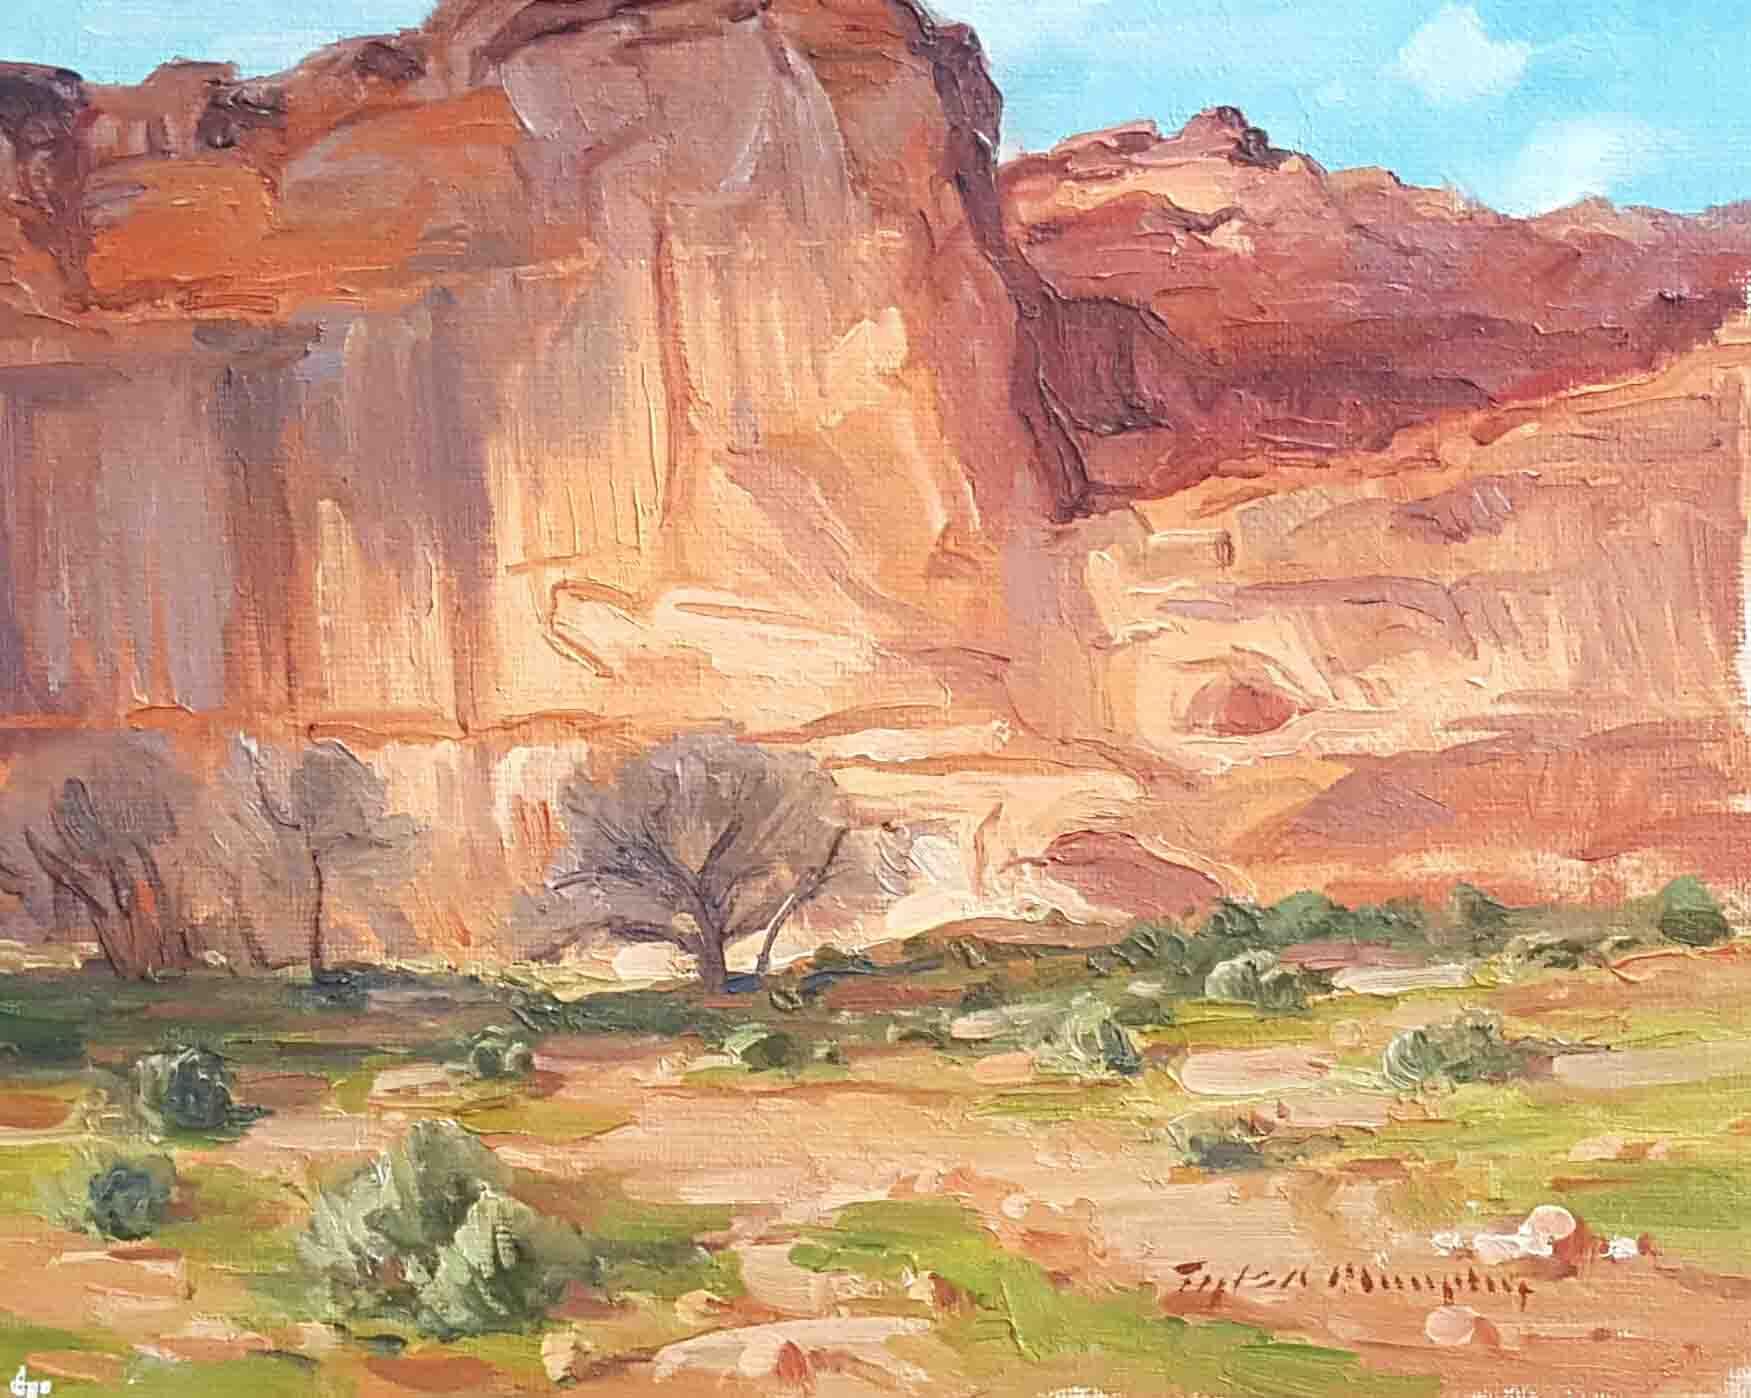 Canyon de Chelly 8x10.jpg